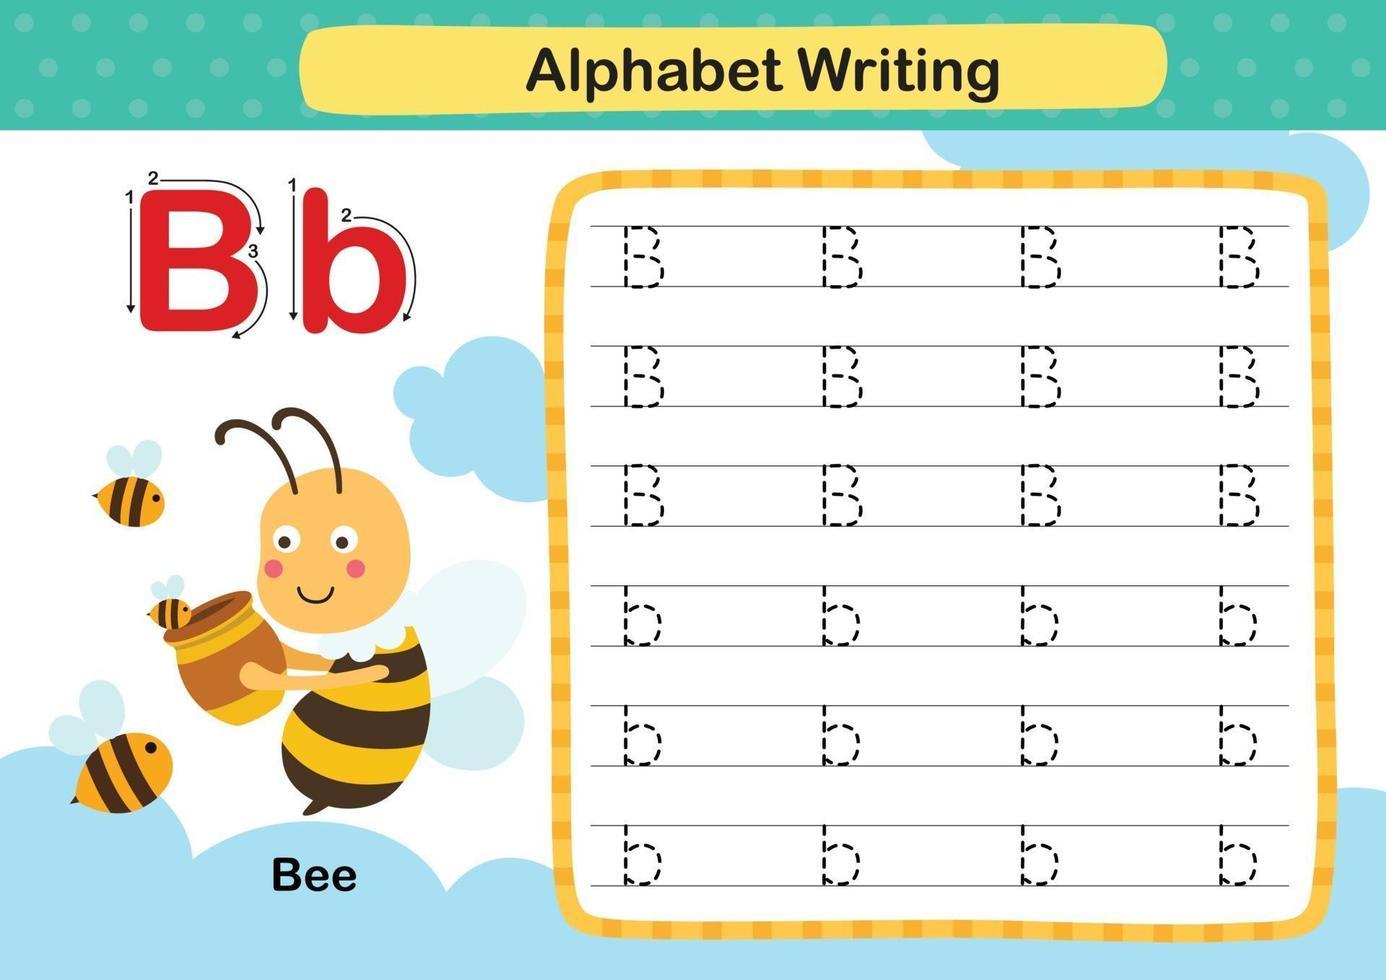 alphabet lettre b-bee exercice avec illustration de vocabulaire de dessin animé, vecteur